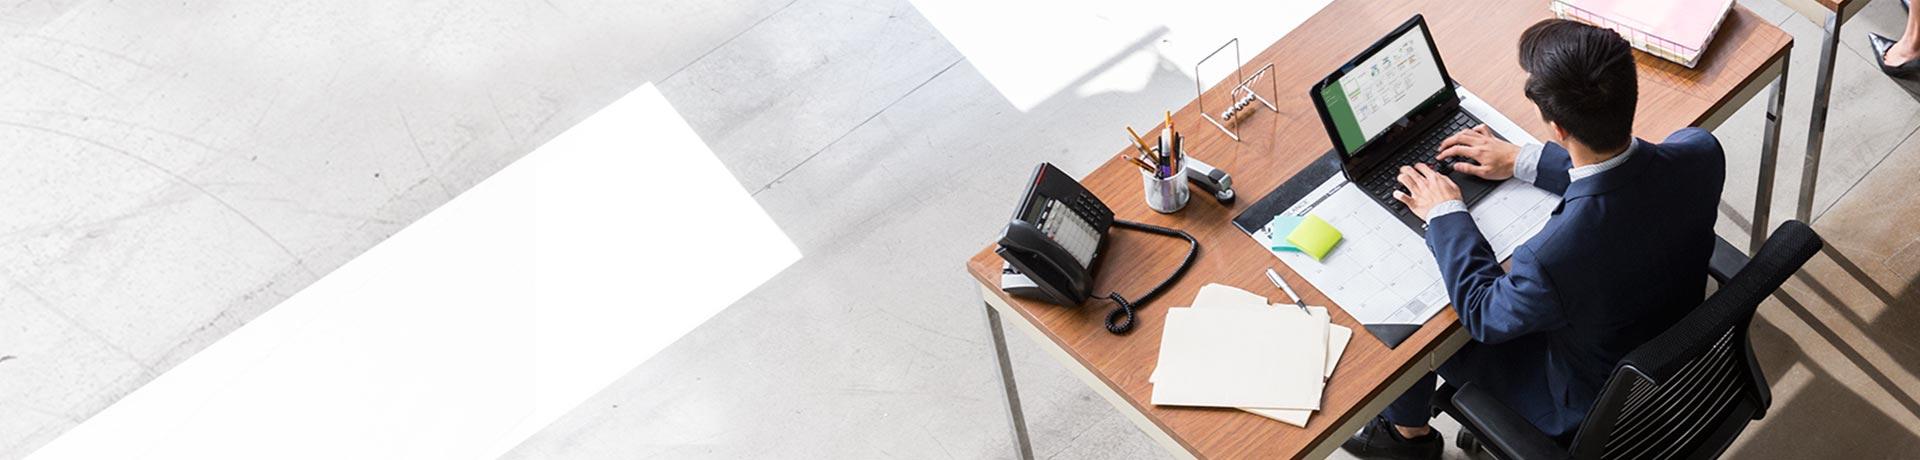 Seorang pria sedang duduk di kantor, mengerjakan file Microsoft Project di laptop.